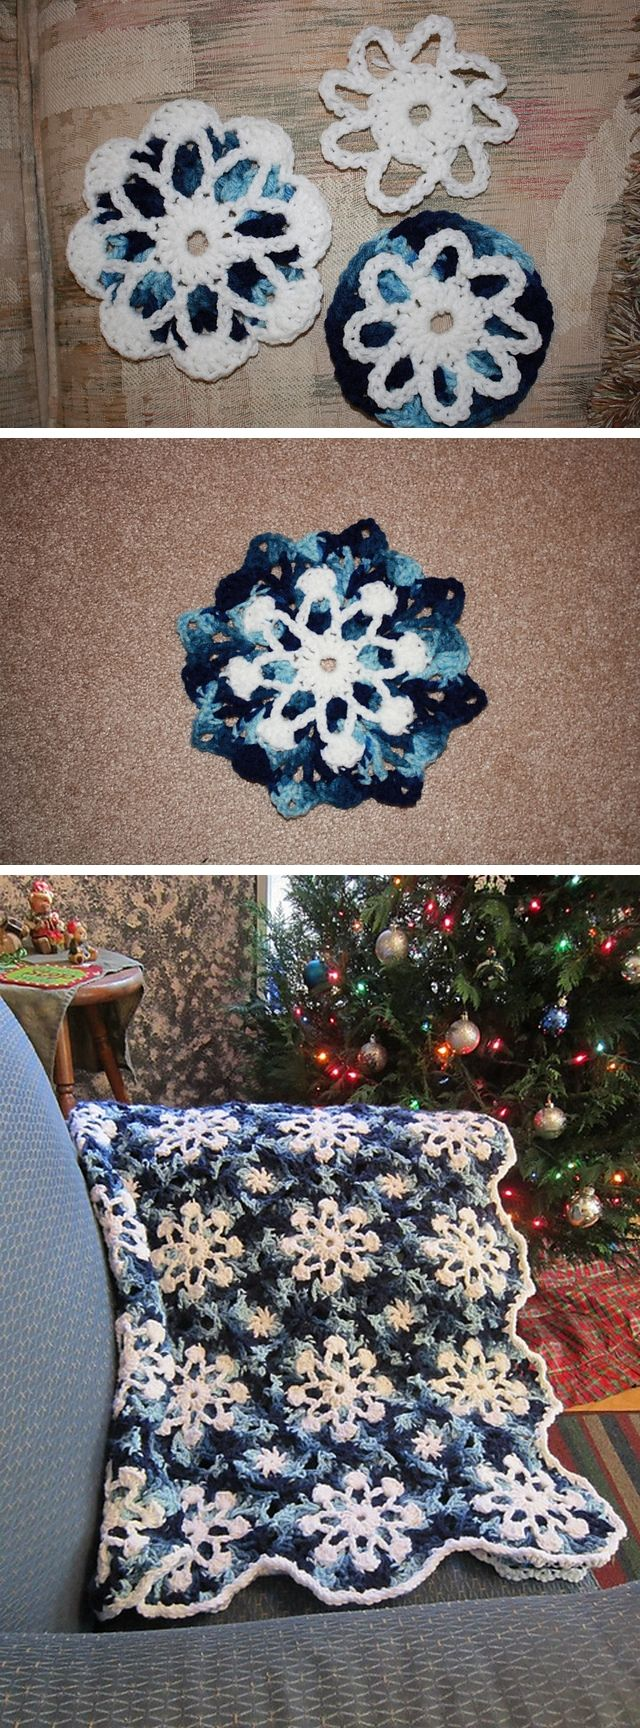 Gorgeous Dusty Snowflakes Throw - Free Crochet Pattern ❥Teresa ...